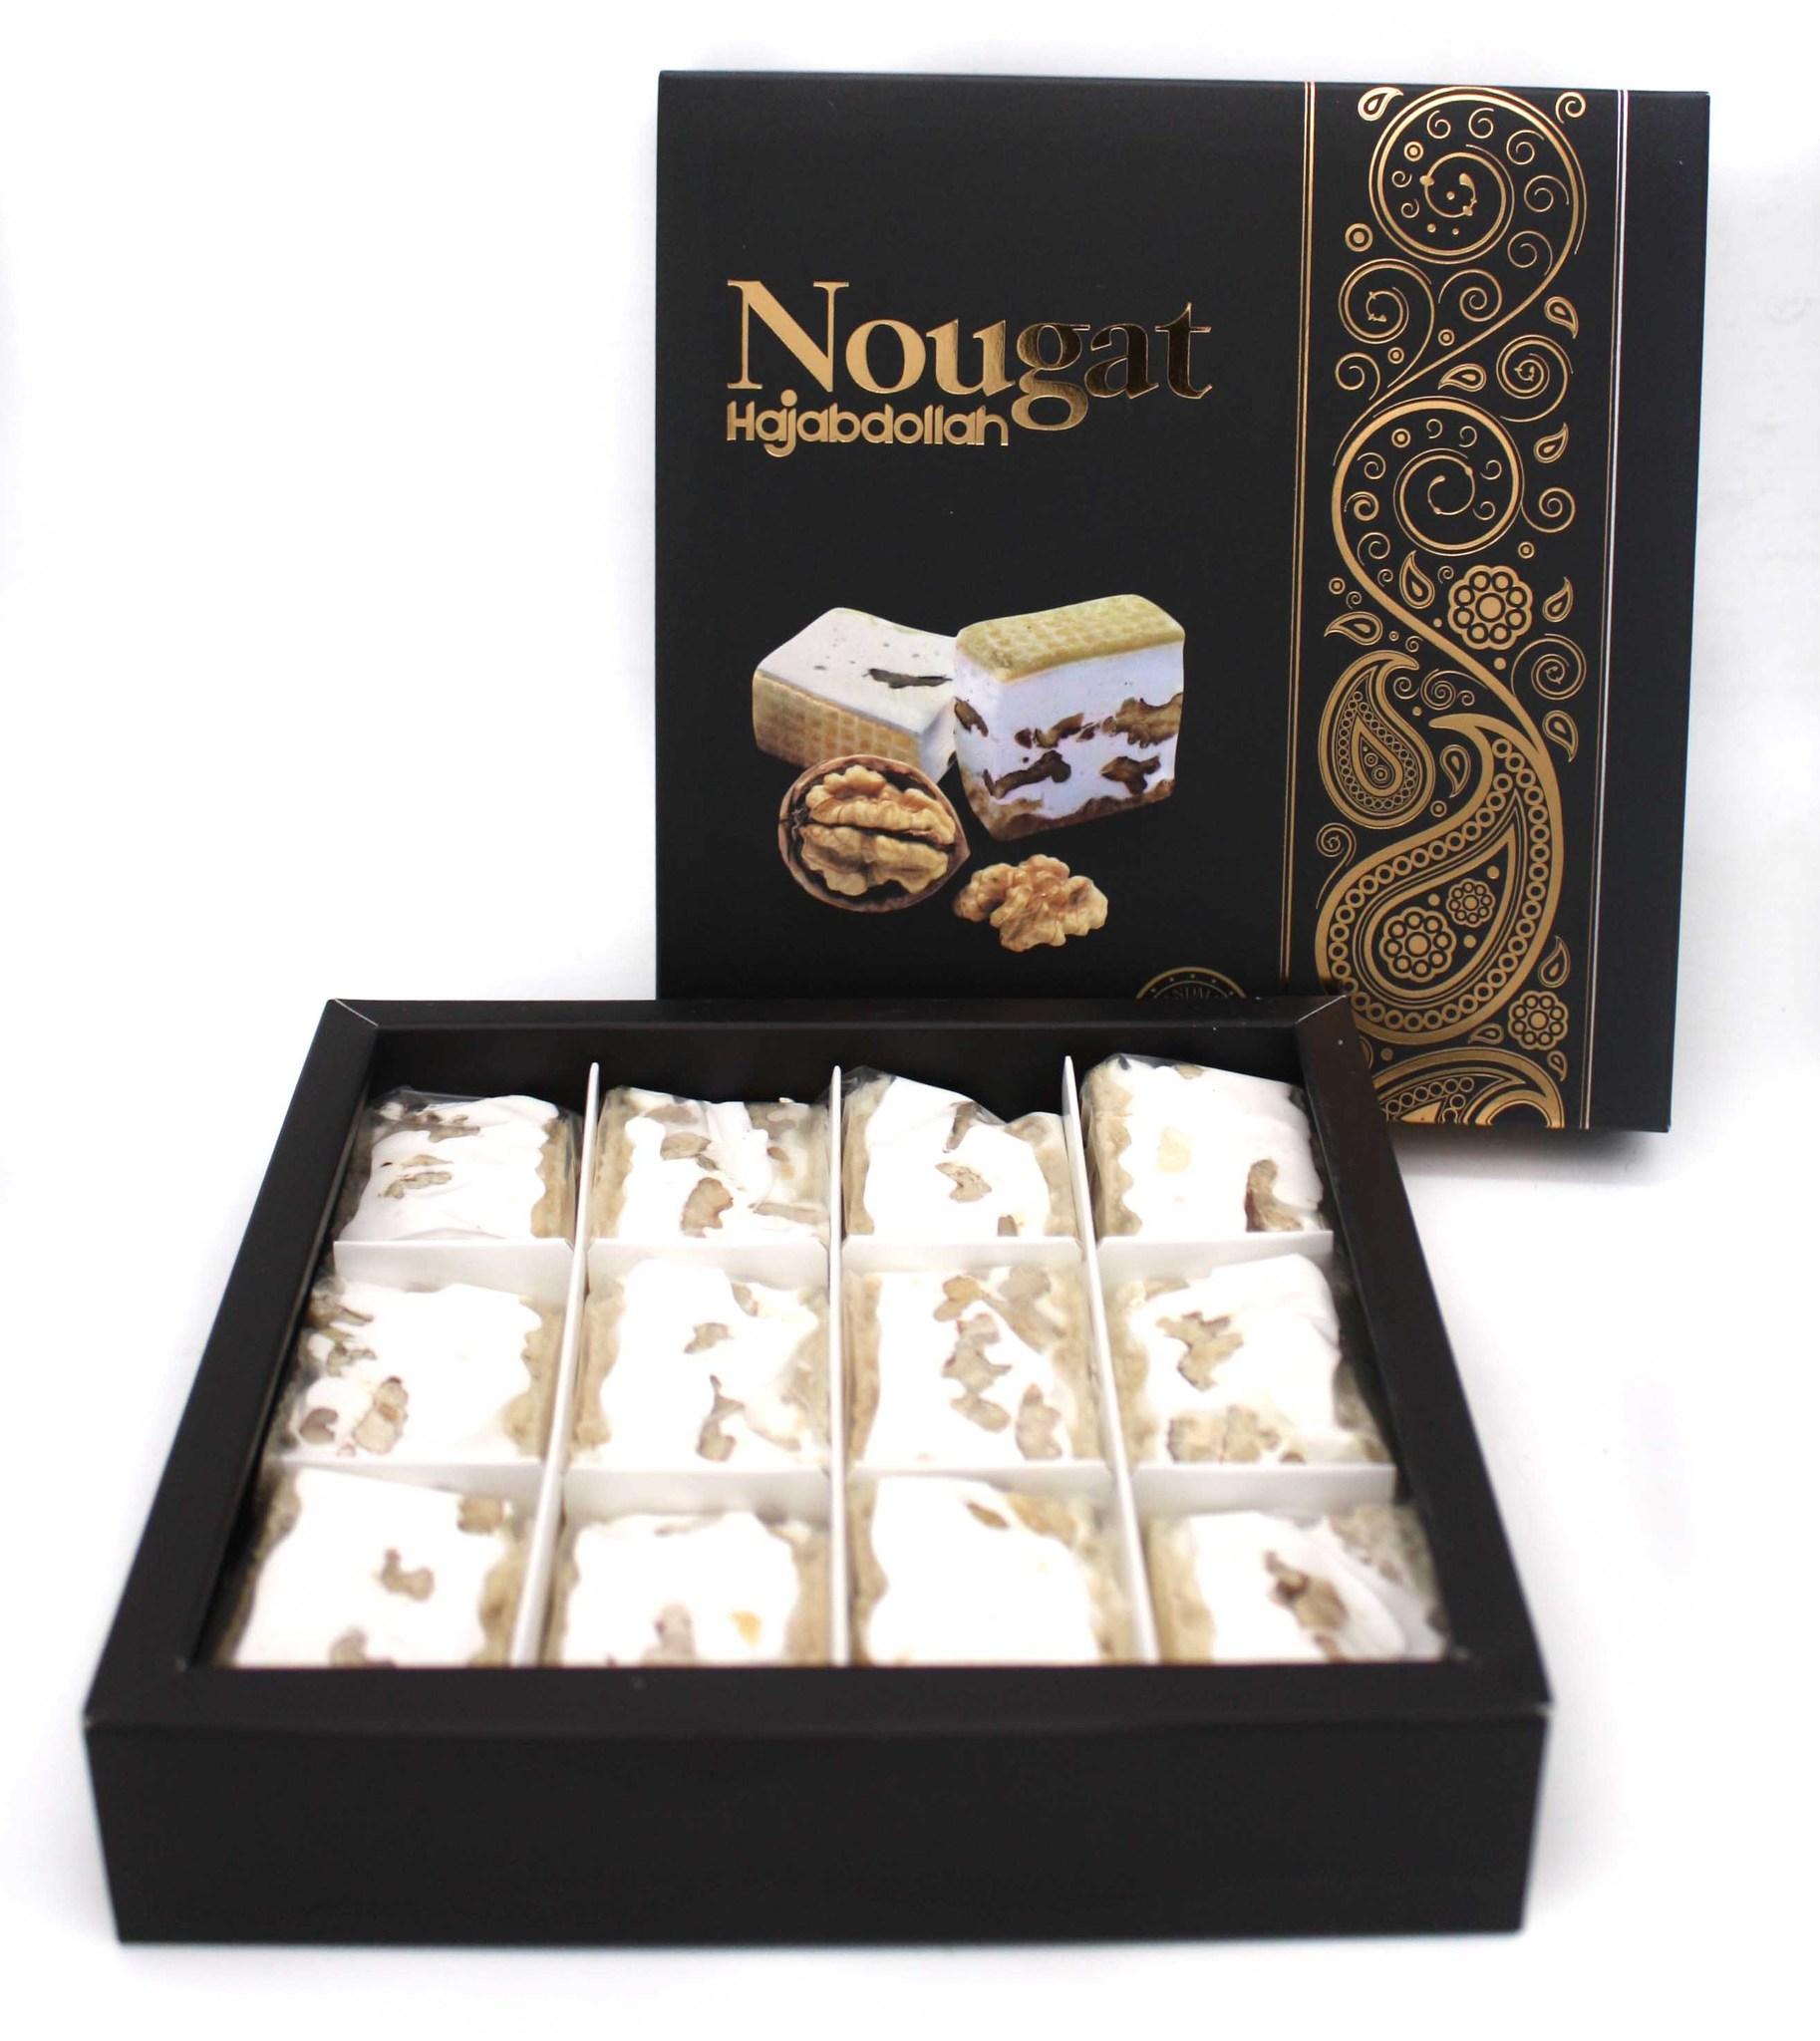 Десерты Нуга с грецким орехом в подарочной упаковке, Hajabdollah, 200 г import_files_c3_c380c7b514cf11eaa9c4484d7ecee297_d340ec77222a11eaa9c6484d7ecee297.jpg